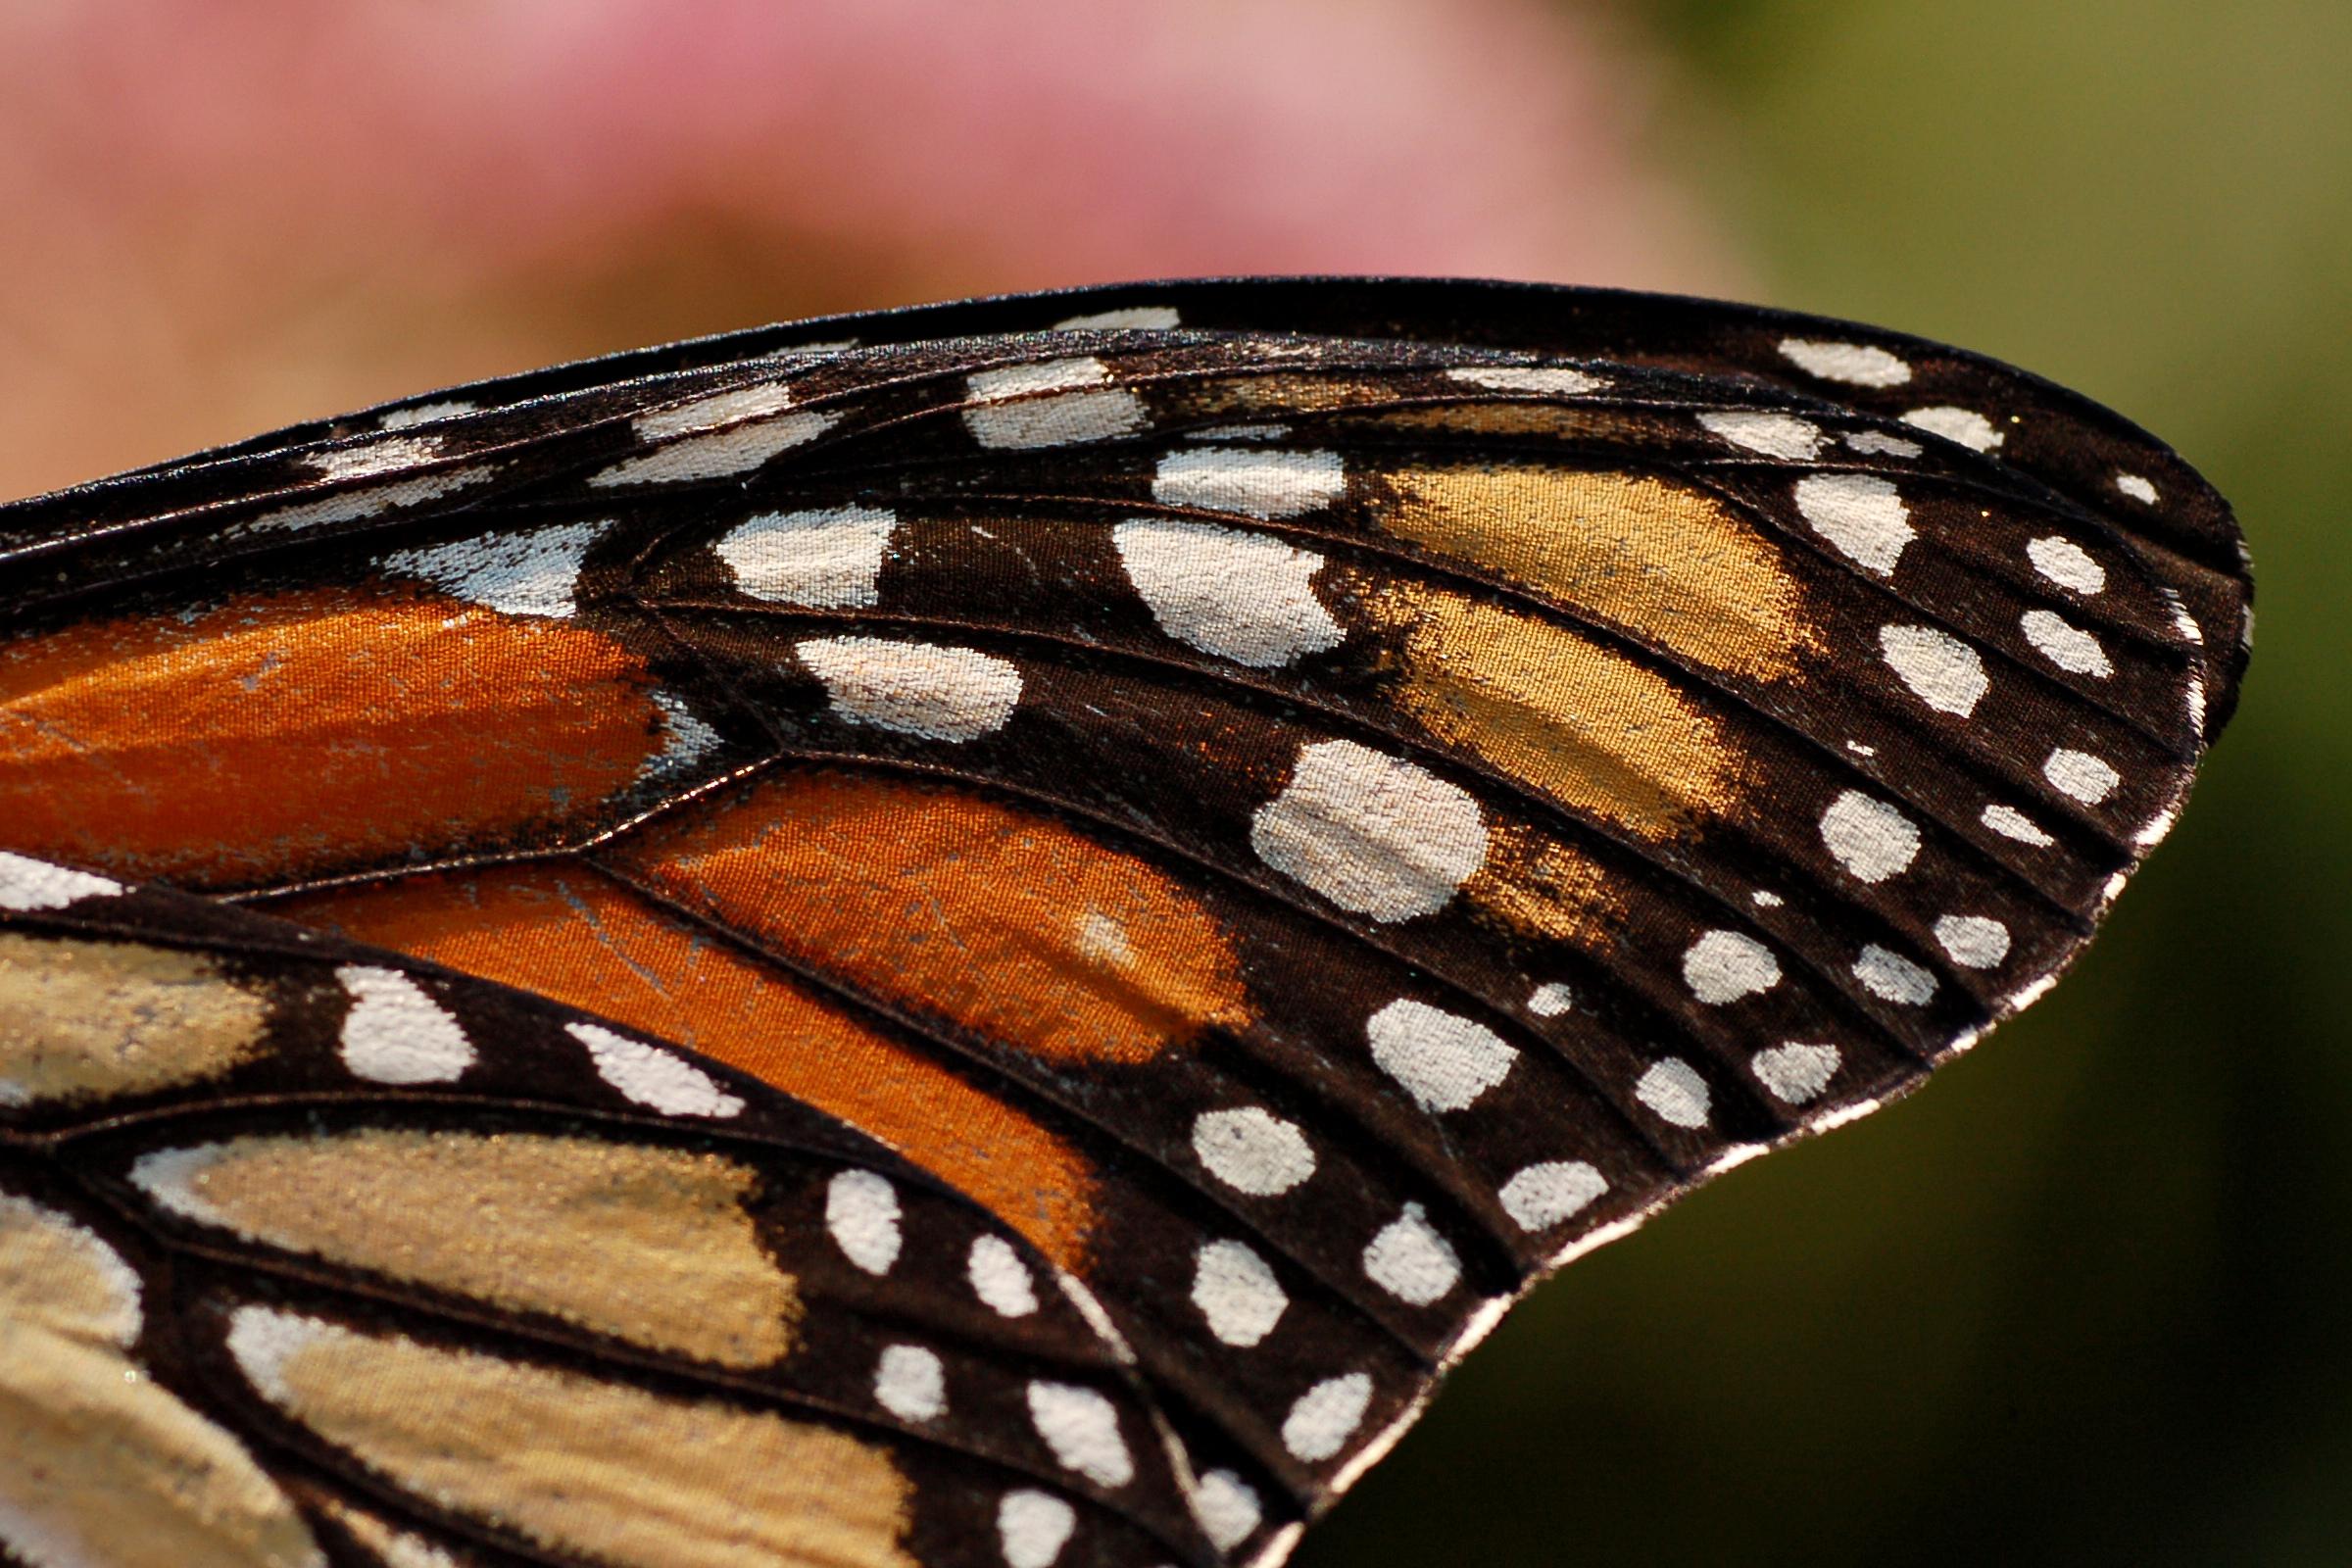 Monarch butterfly wings - photo#7